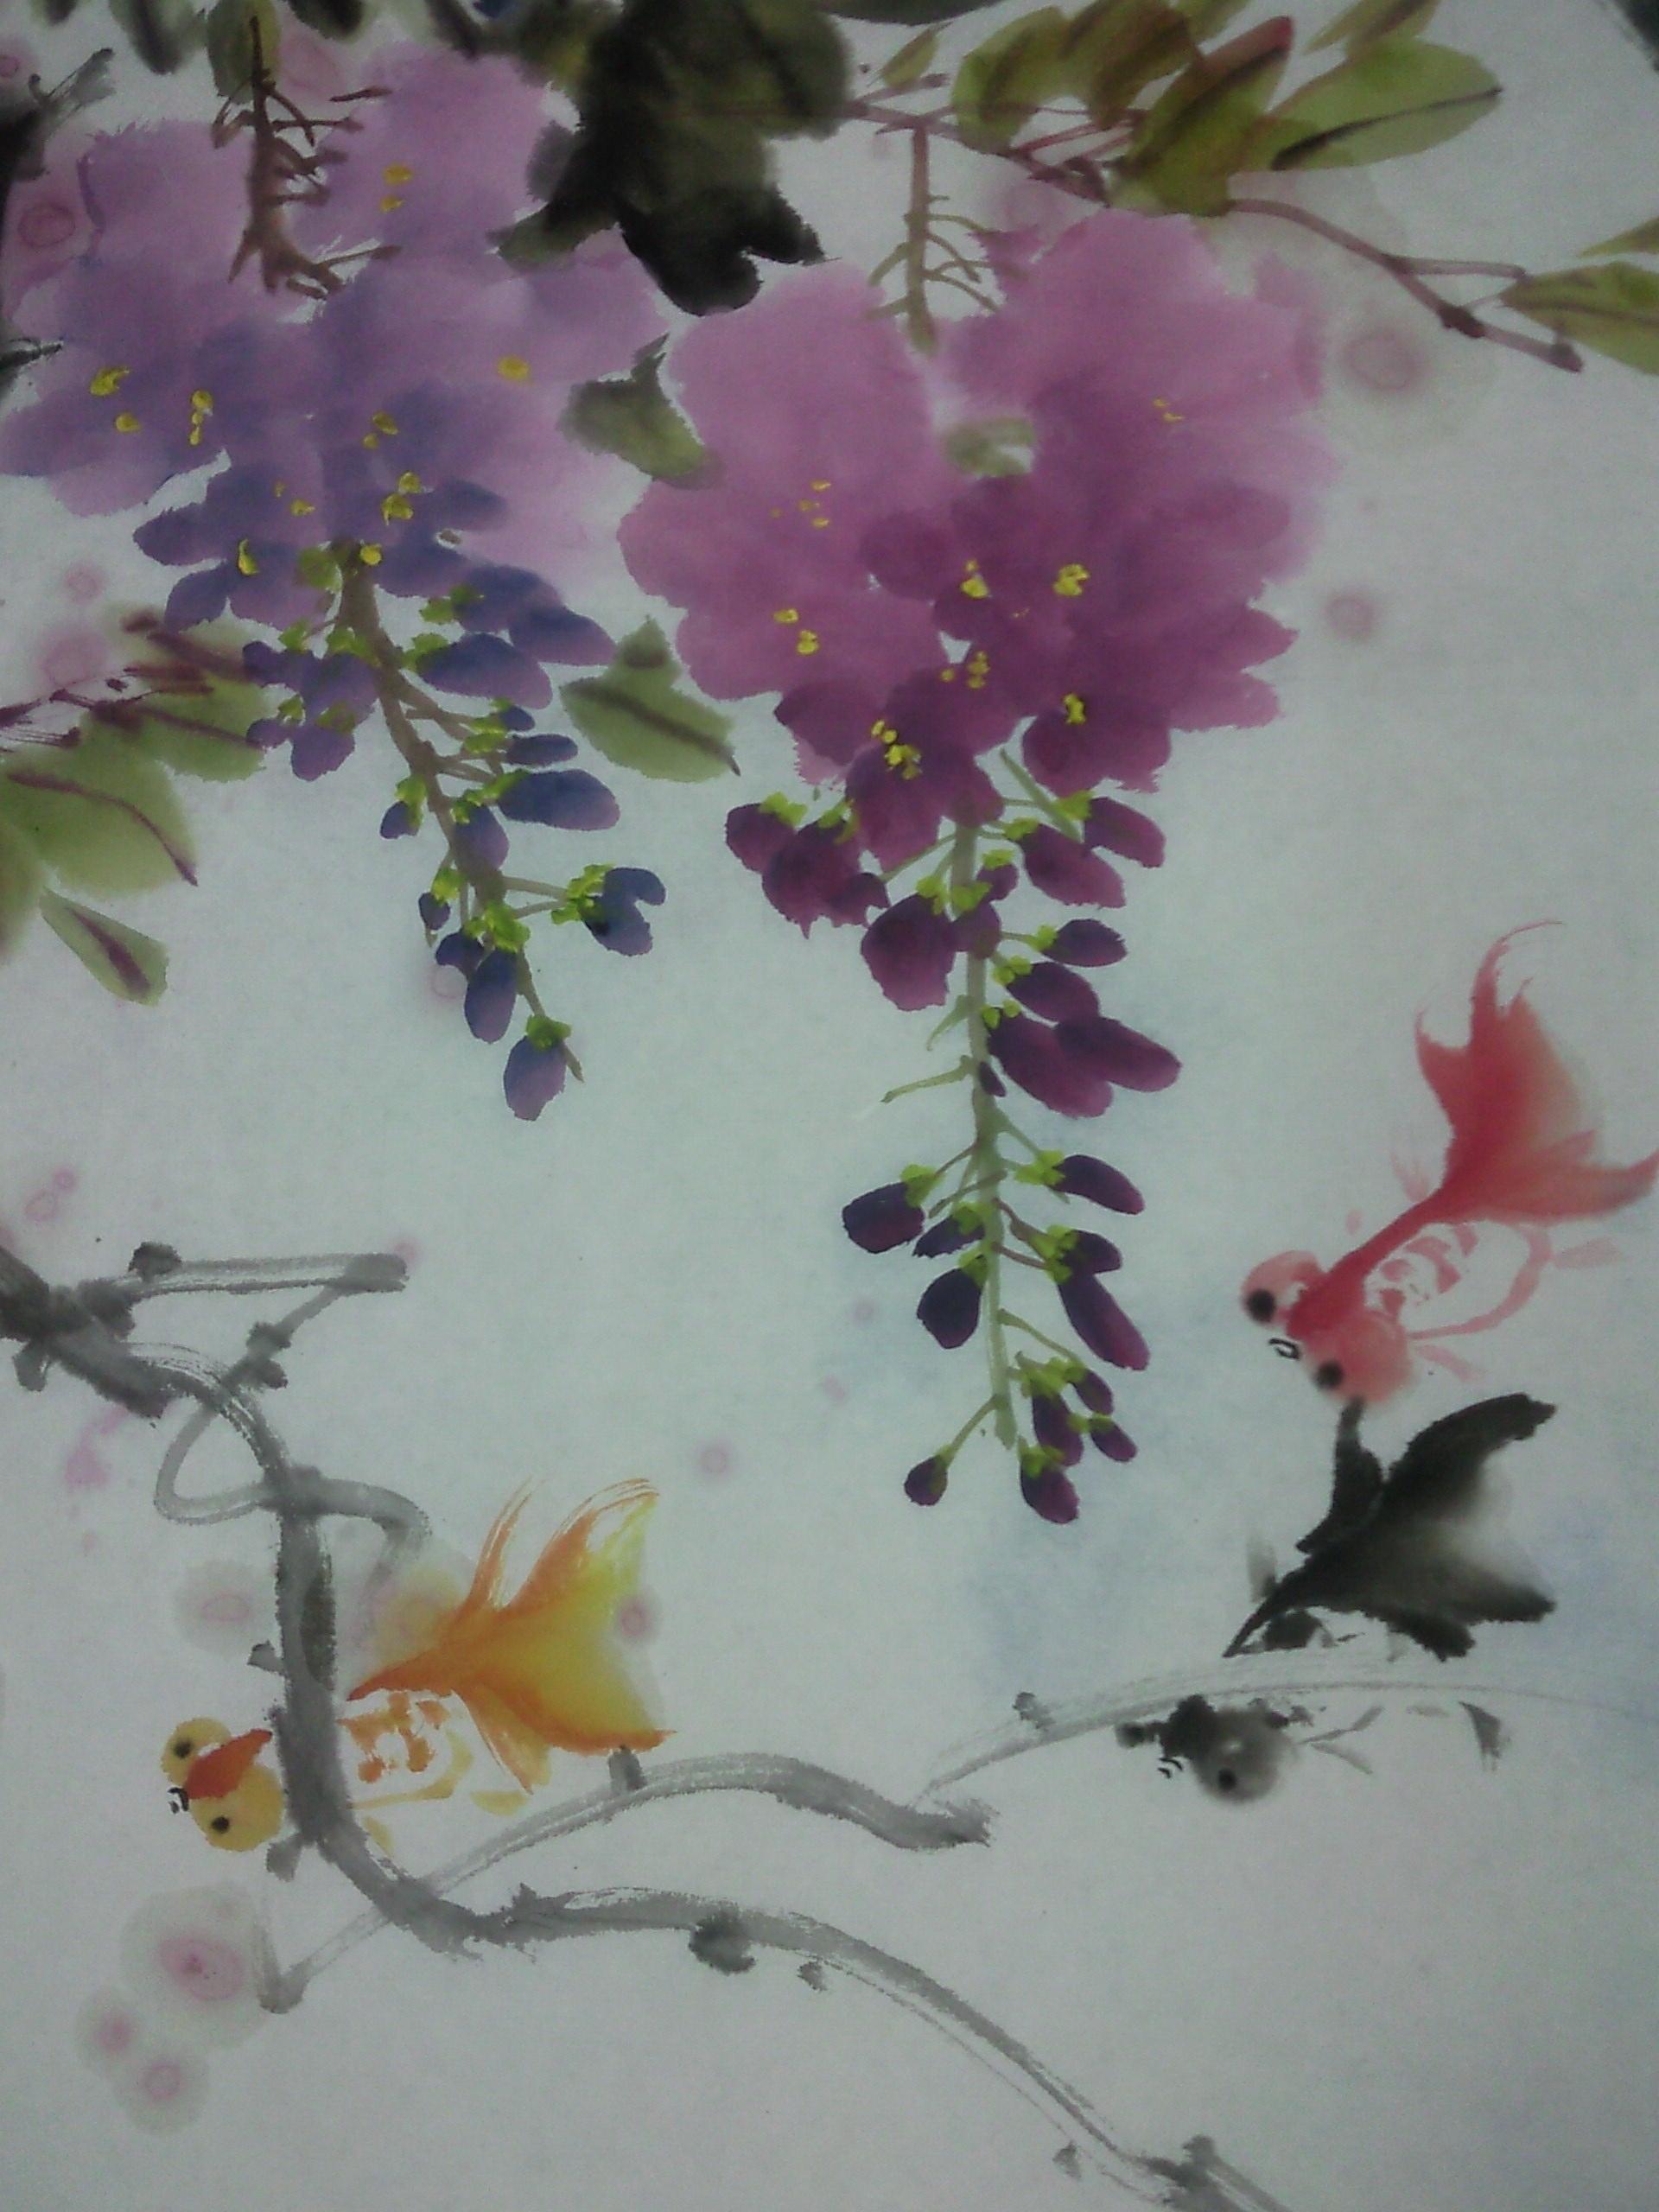 紫藤花图片 手绘 国画